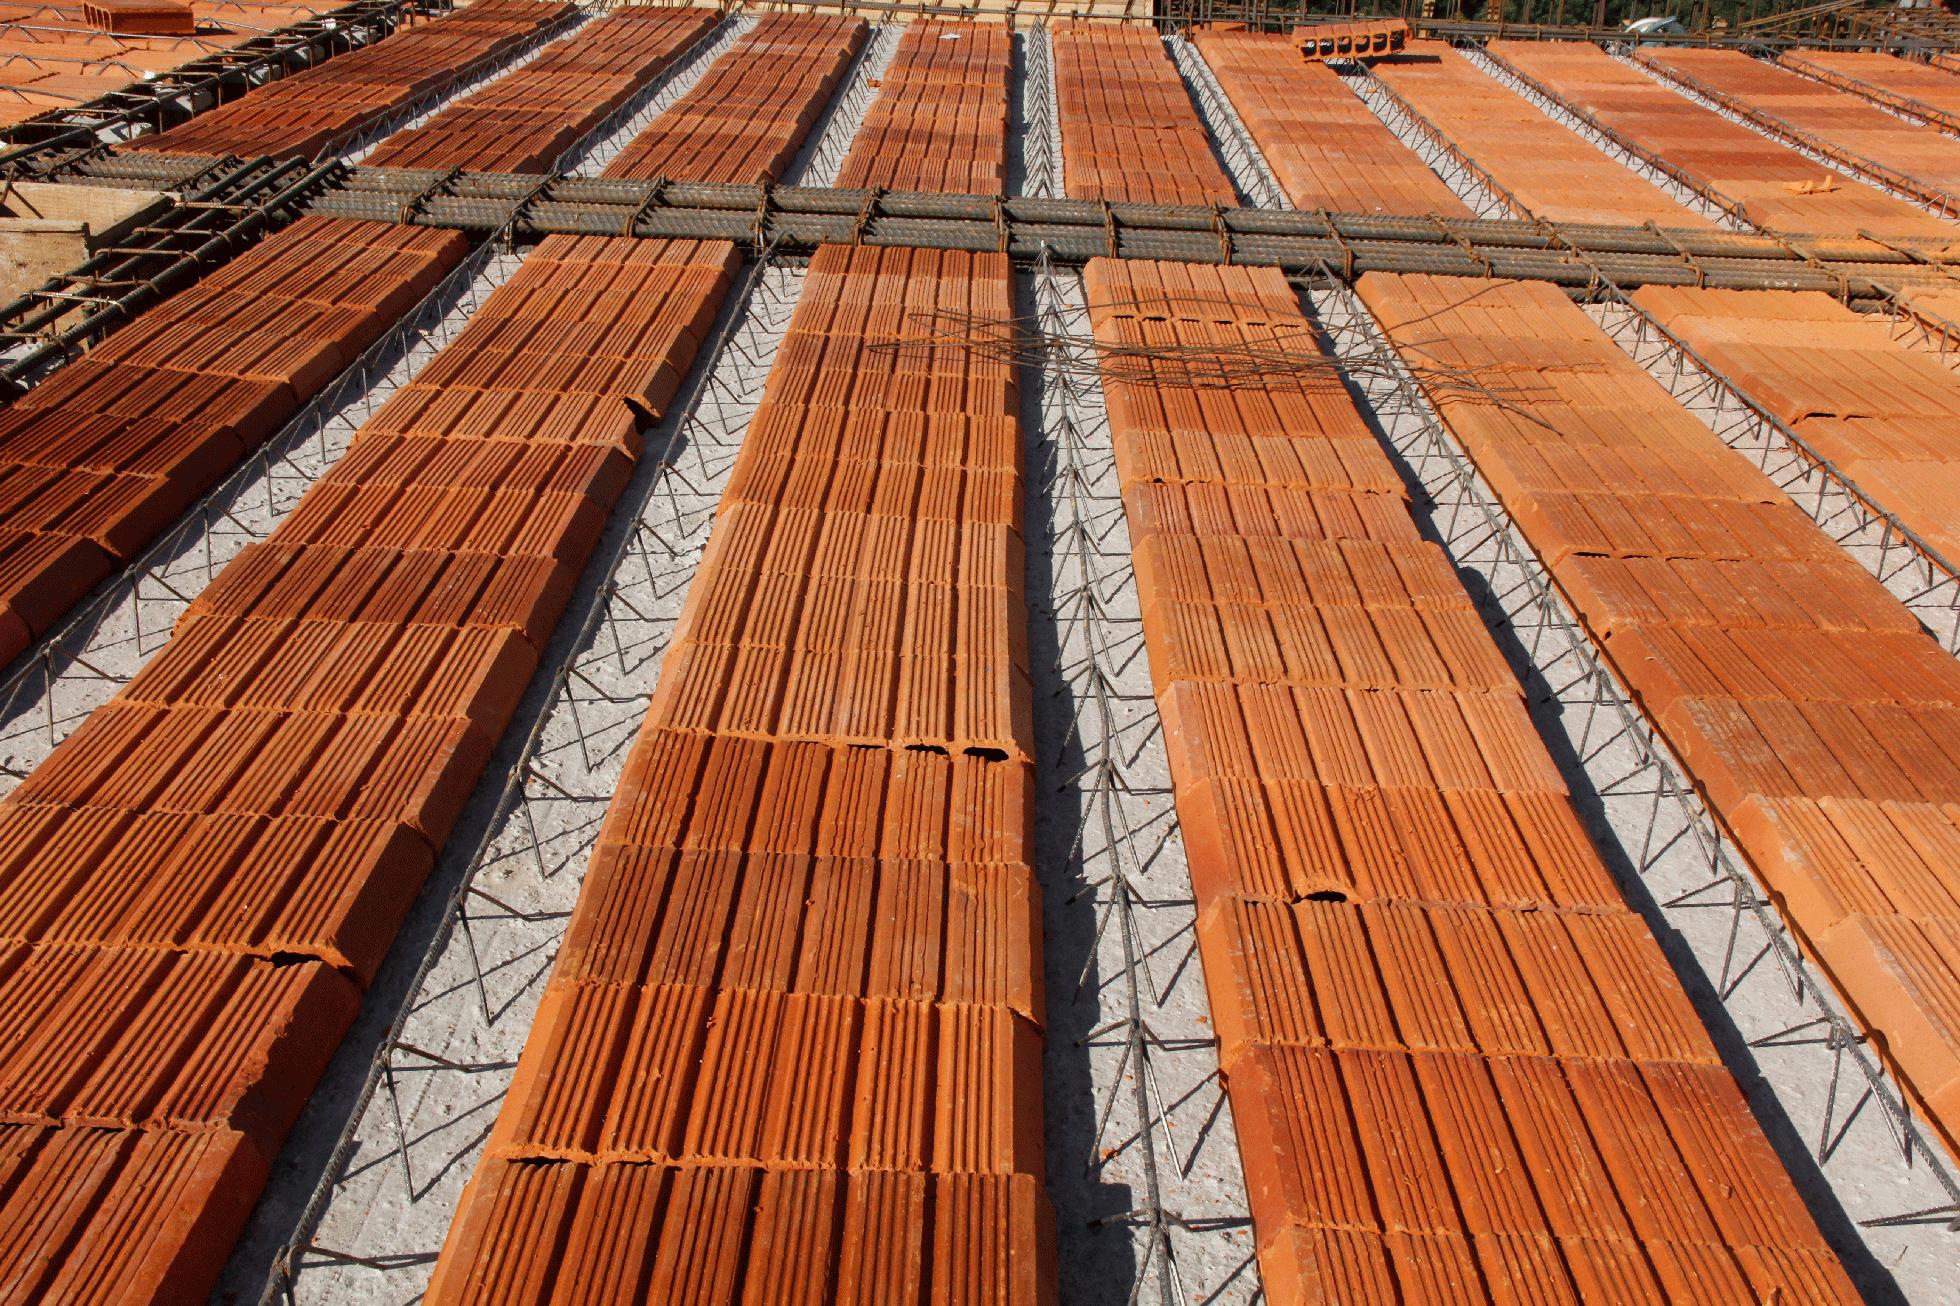 laje-pre-fabricada-trelicada